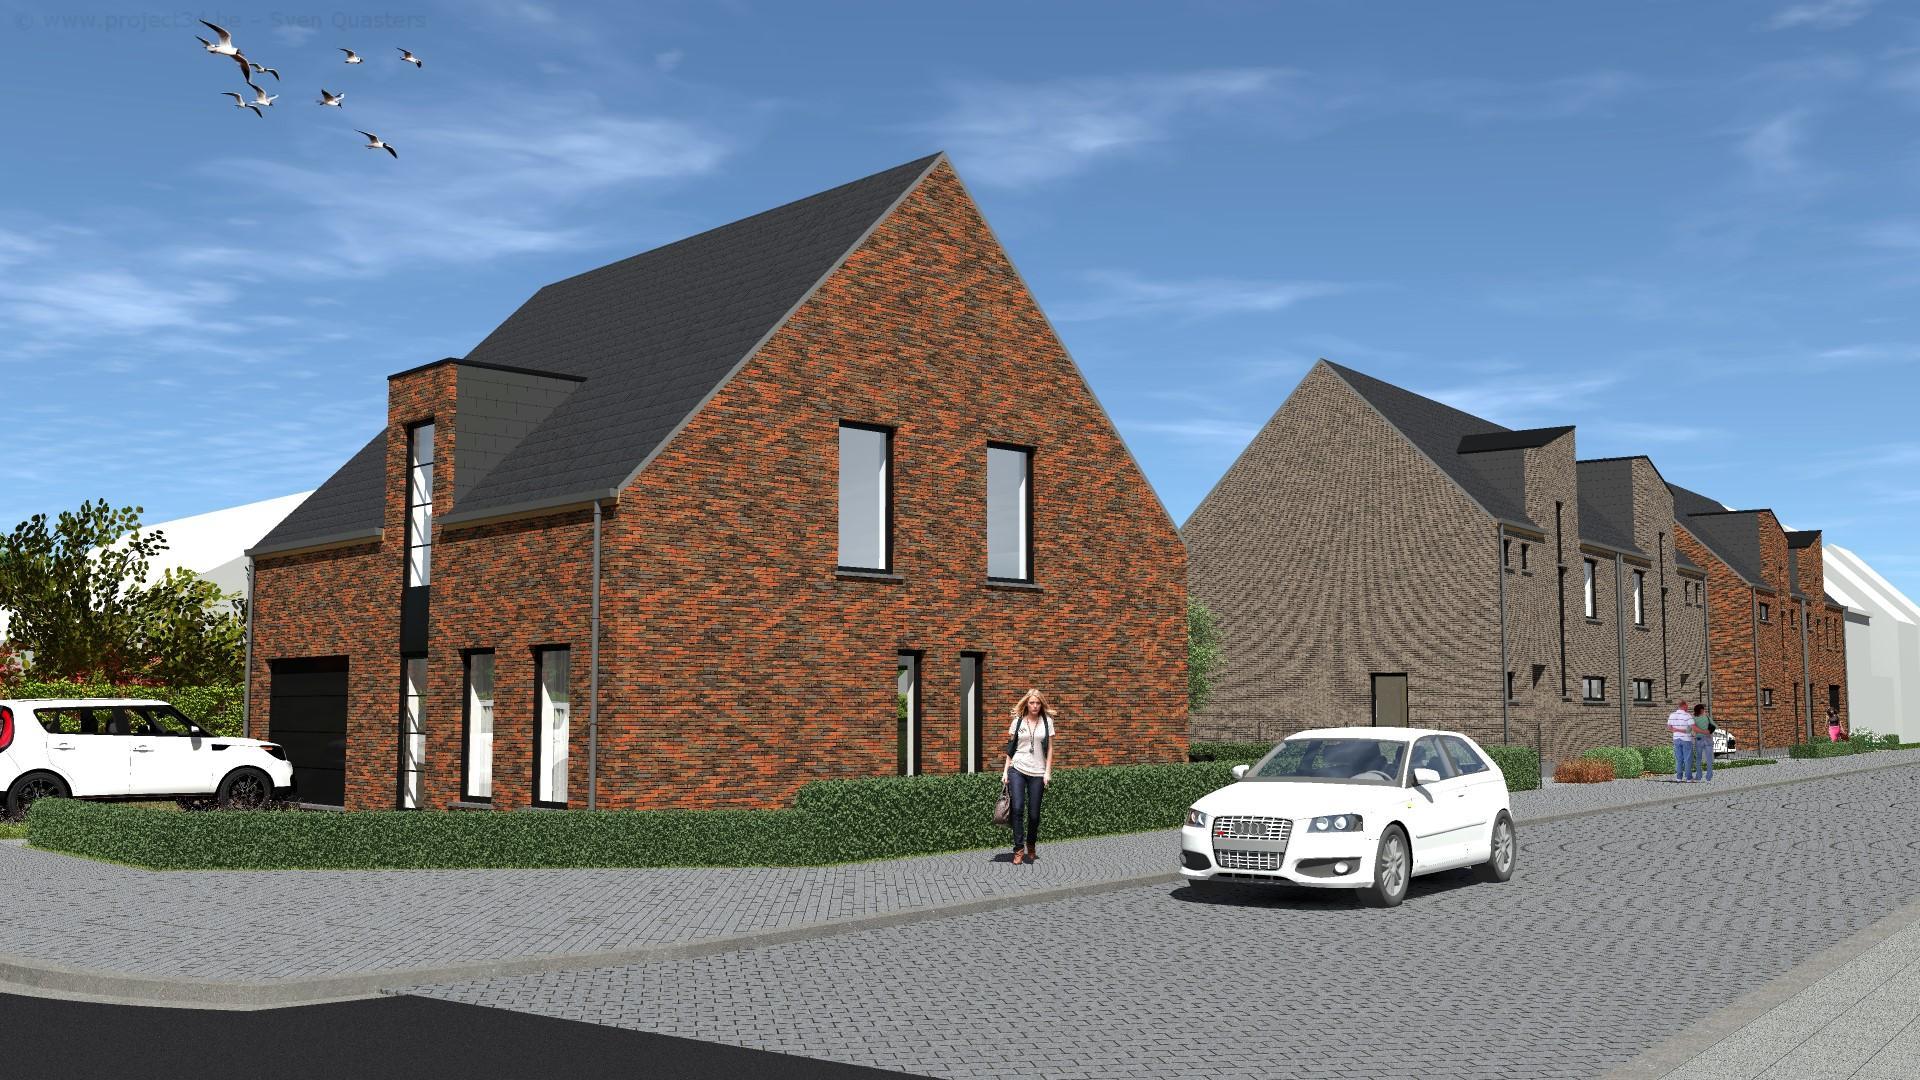 Nieuwbouwwoning met 3 slaapkamers, tuin, terras en garage. Afwerking naar keuze.